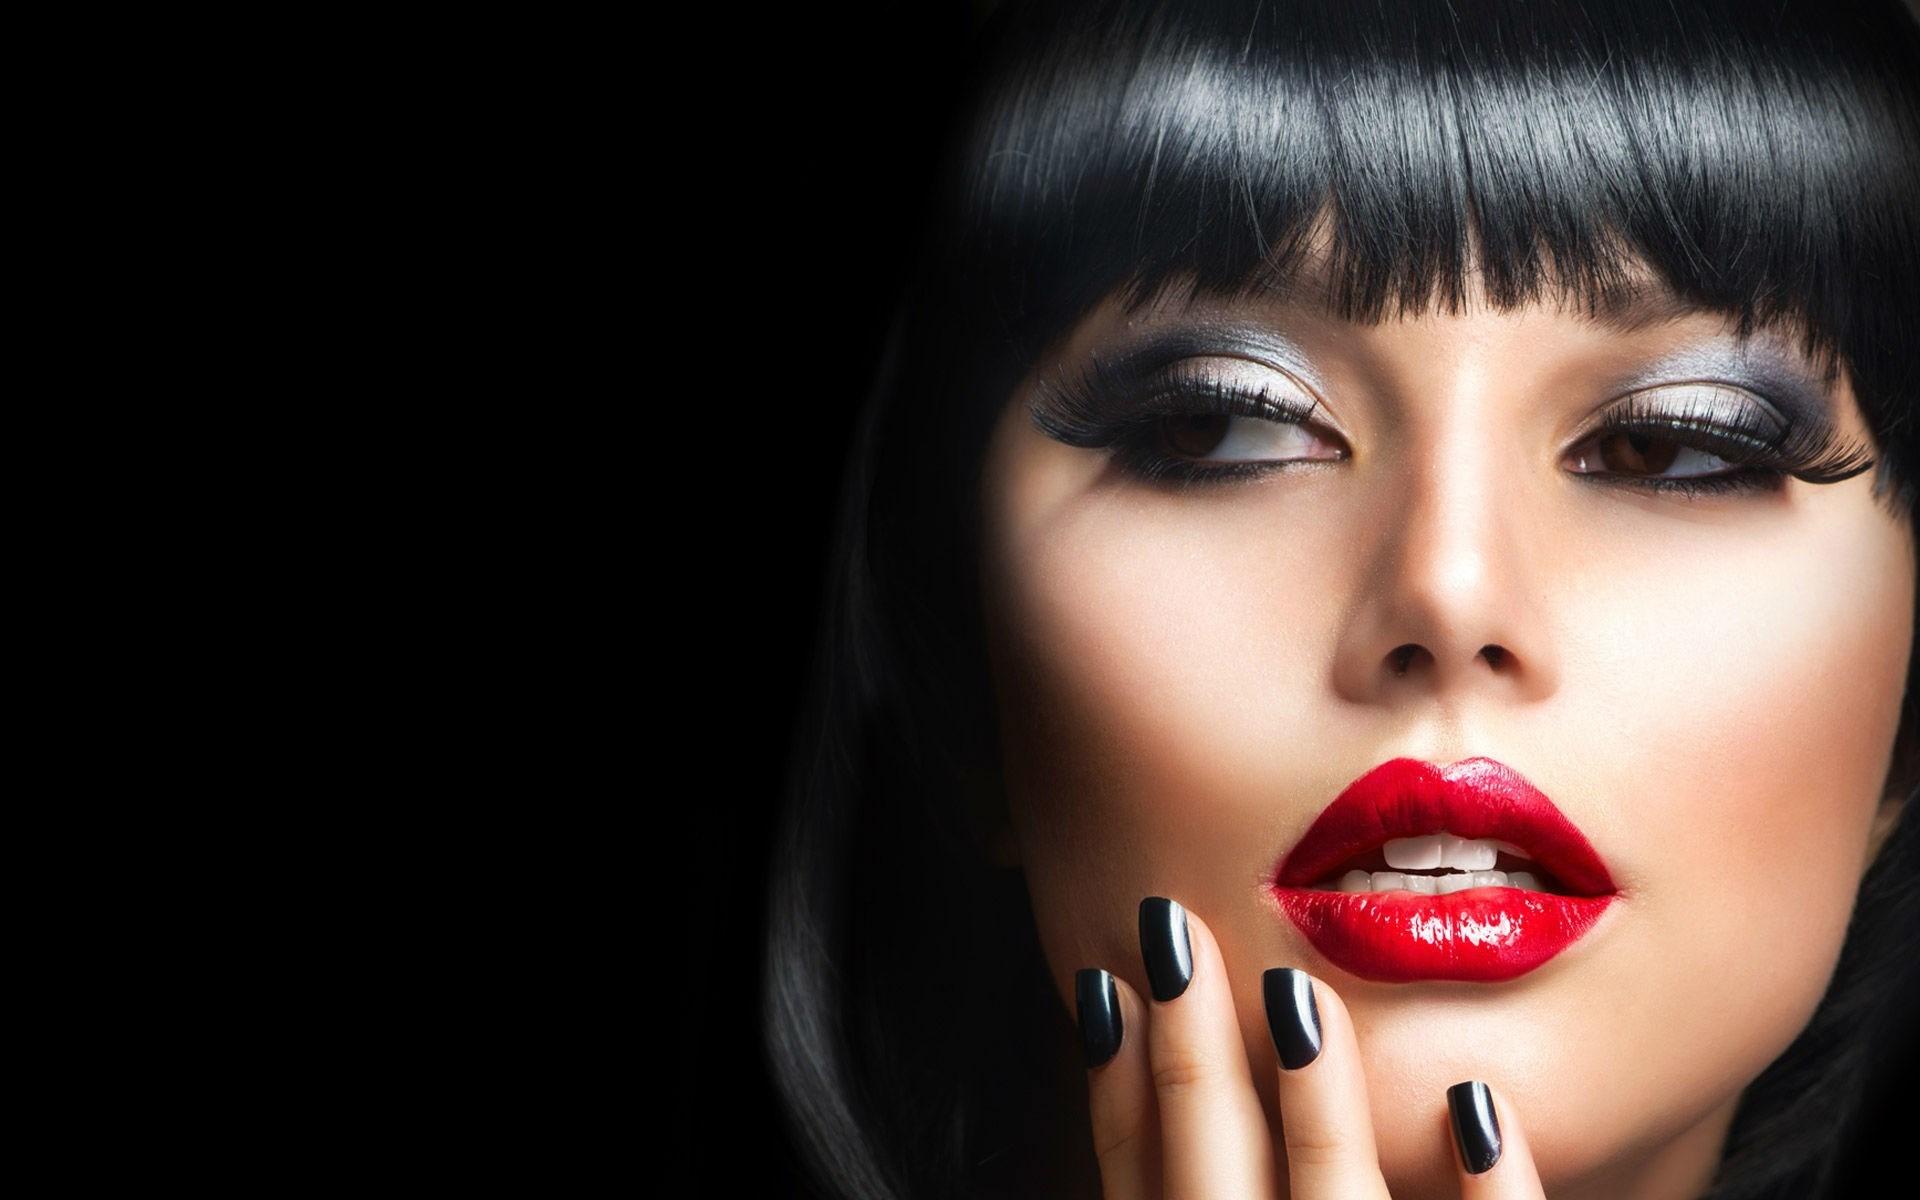 Model Girl Brunette Red Lips Portrait